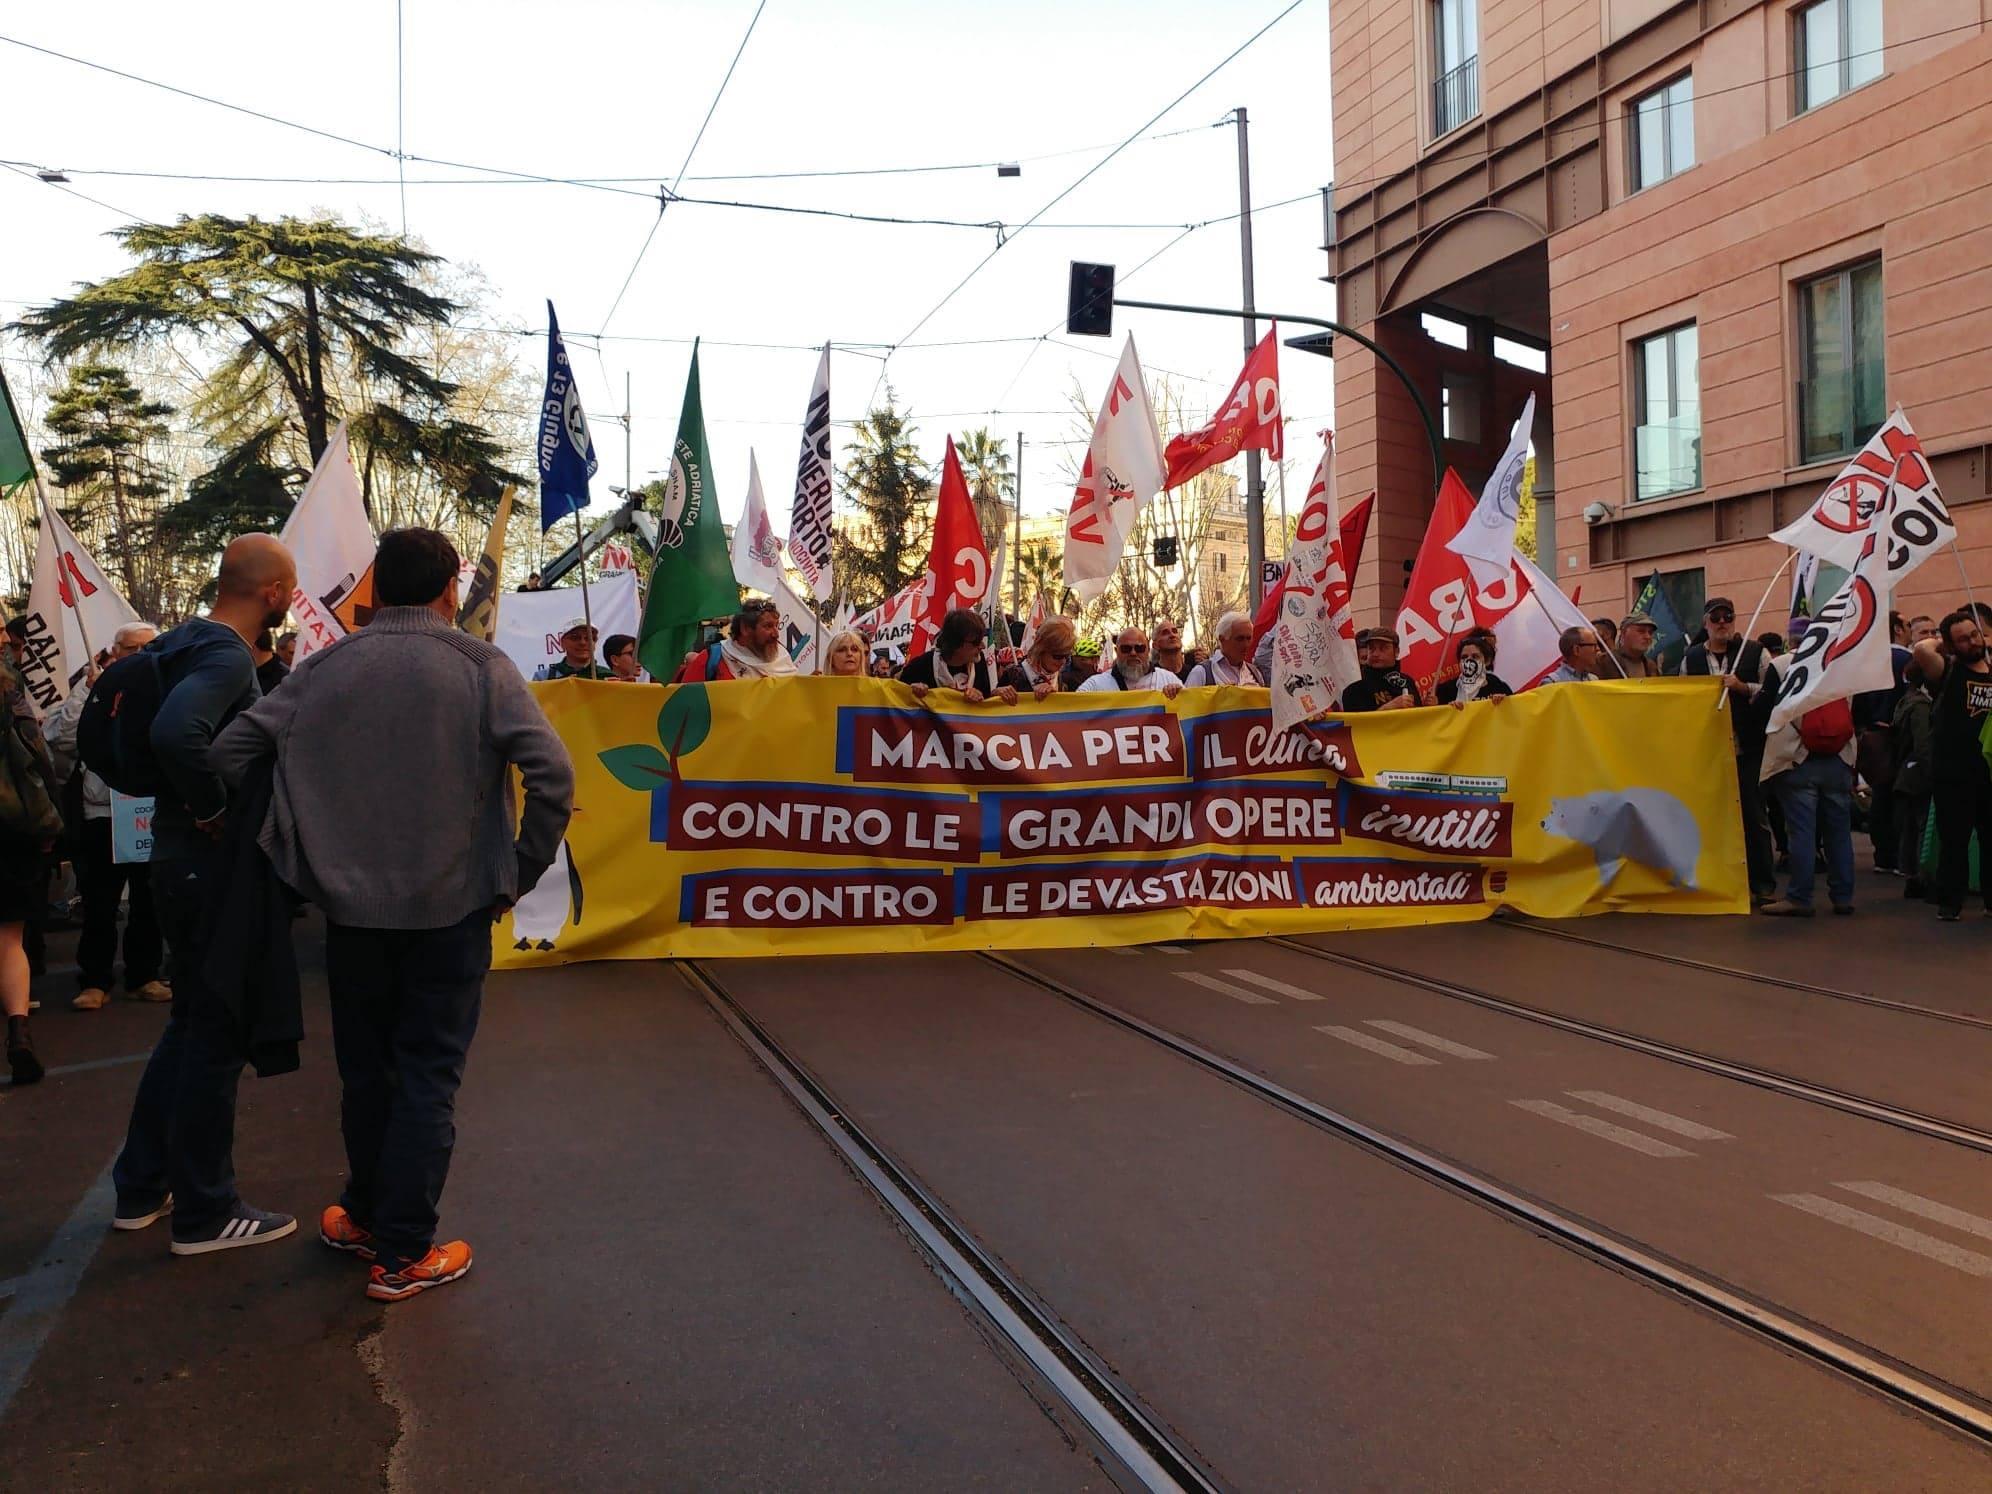 Marcia-per-il-Clima-e-contro-le-Grandi-Opere-Inutili19.jpg